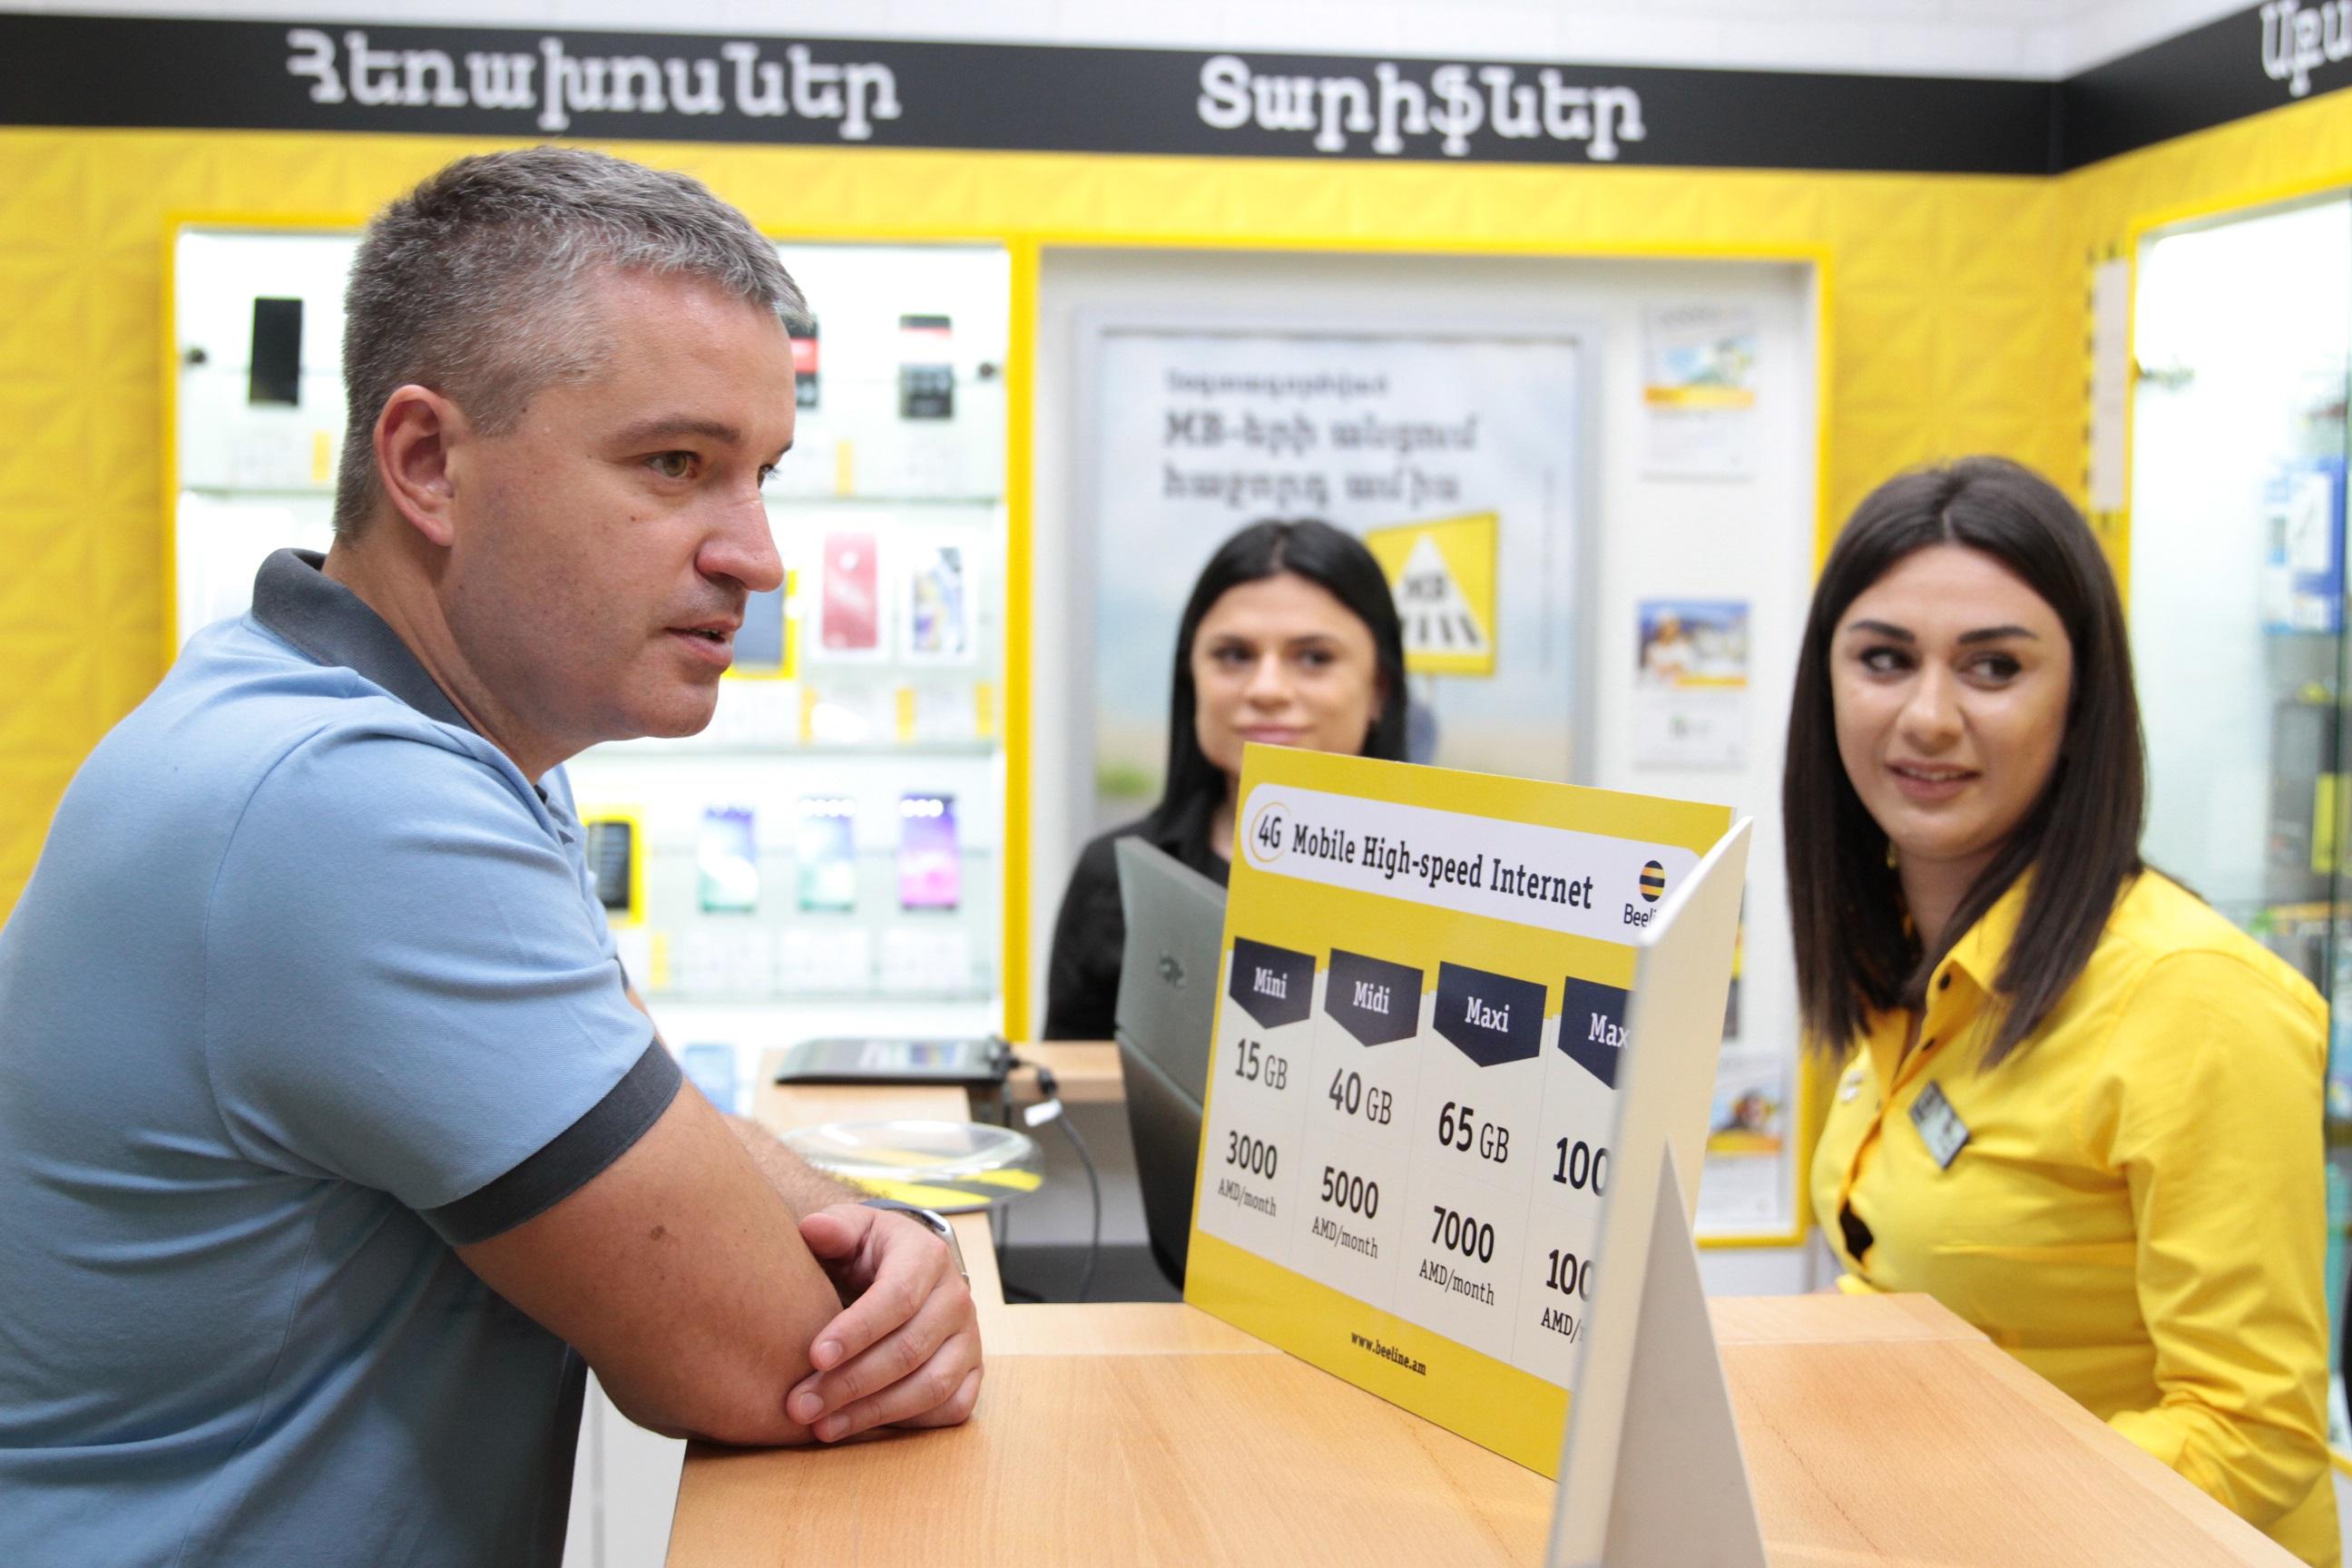 Beeline. Զվարթնոց օդանավակայանում բացվել է նորացված վաճառքի և սպասարկման գրասենյակ